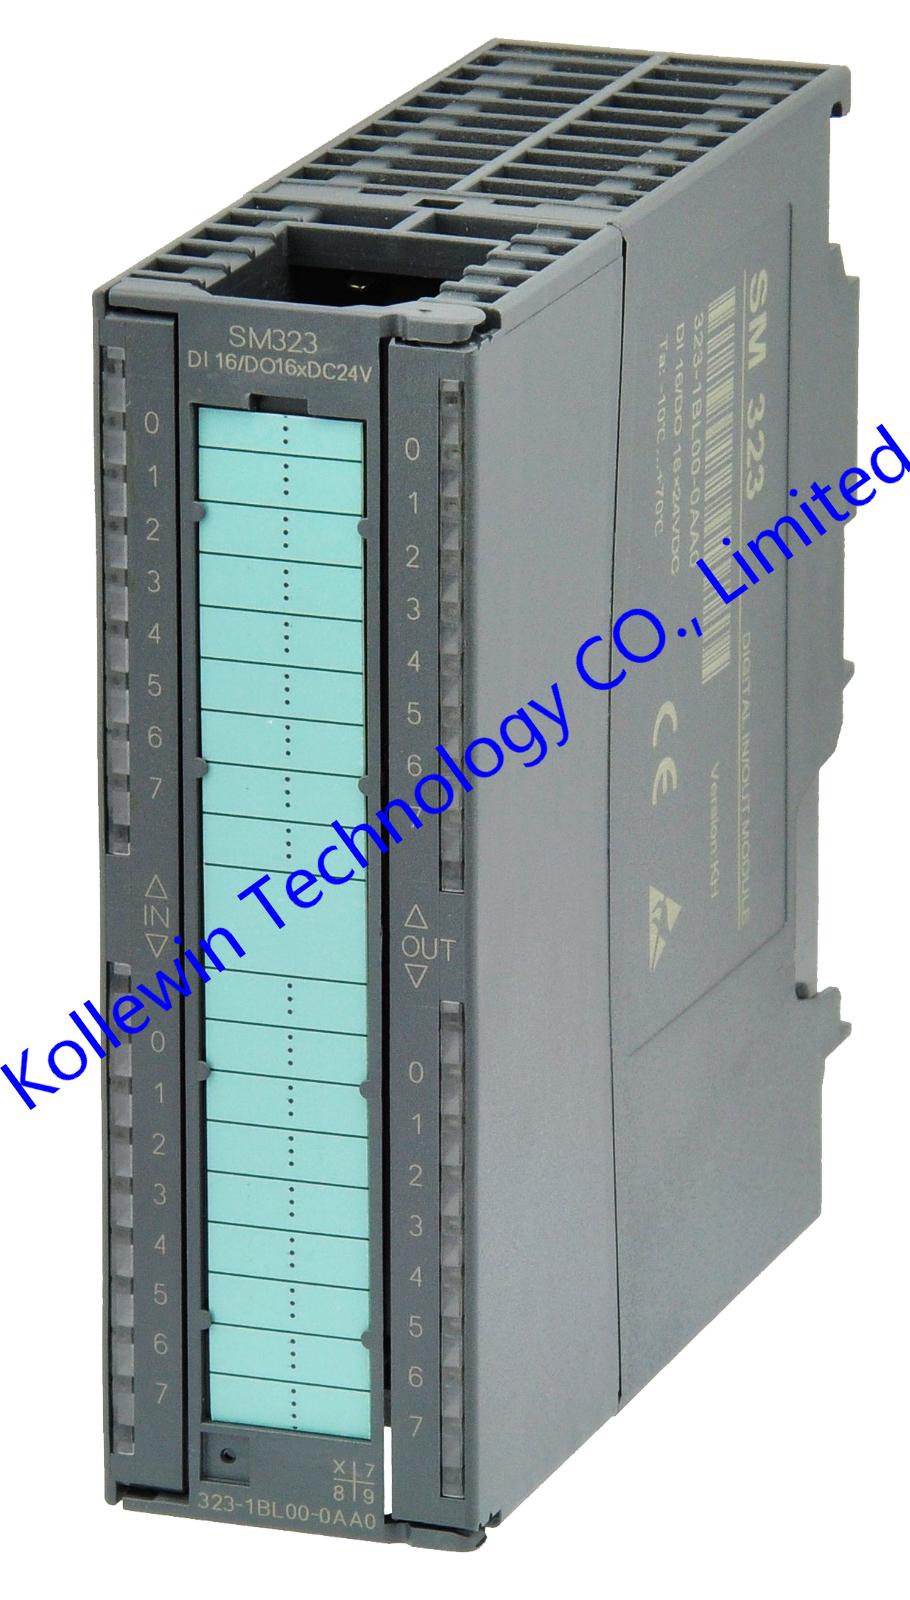 medium resolution of profibus connector 6es7323 1bl00 0aa0 323 1bl00 0aa0 profibus connector 6es7323 1bl00 0aa0 6es7 322 1bl00 0aa0 wiring diagram at cita